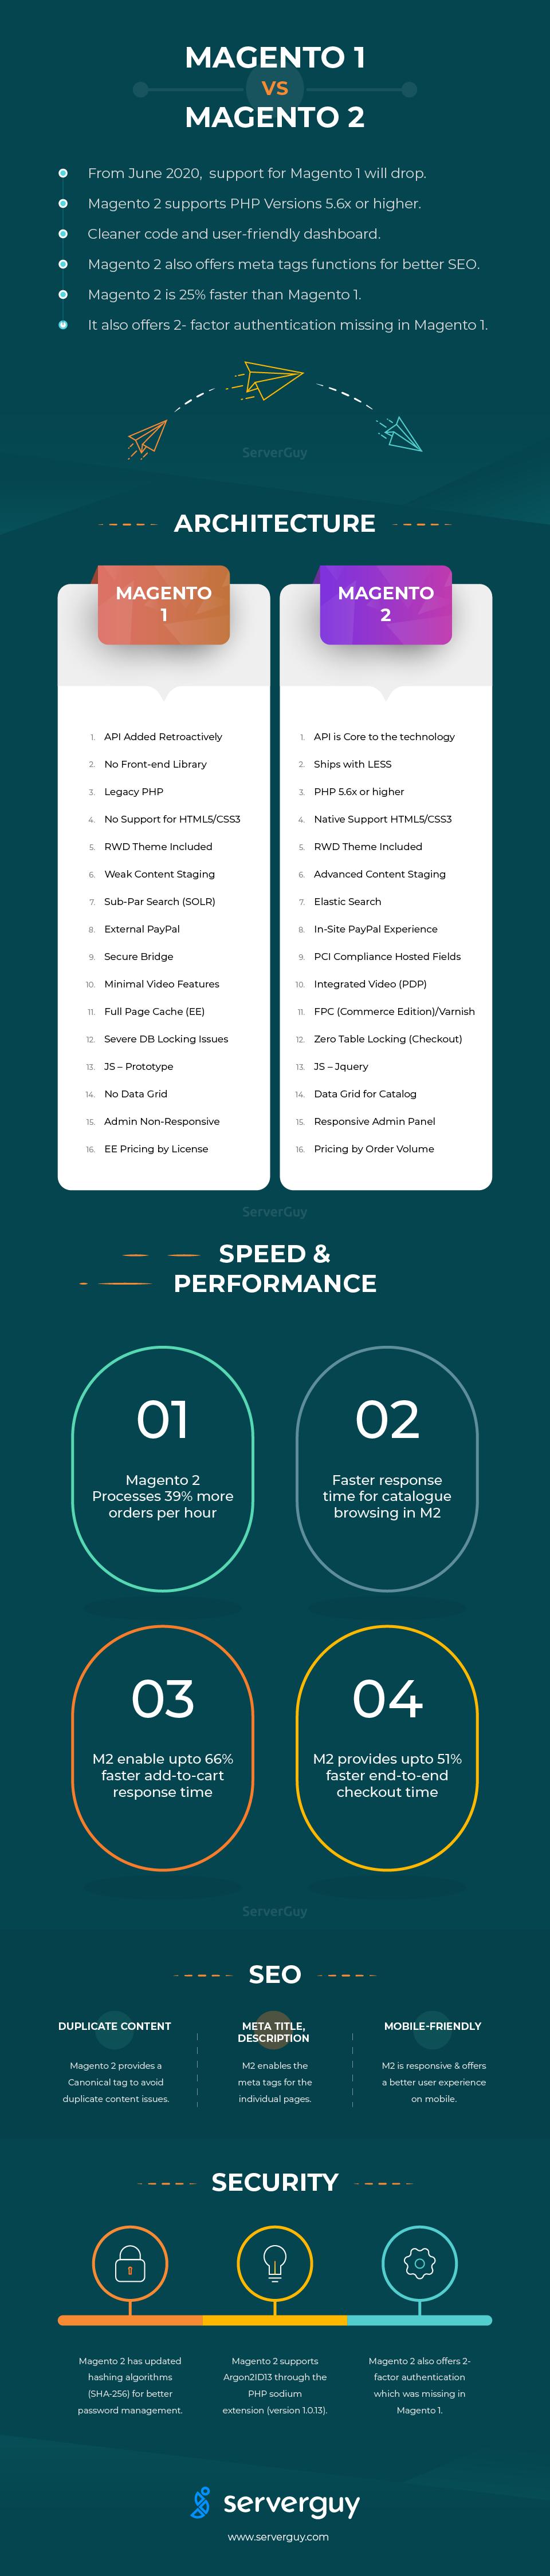 Magento 1 vs Magento 2 infographic